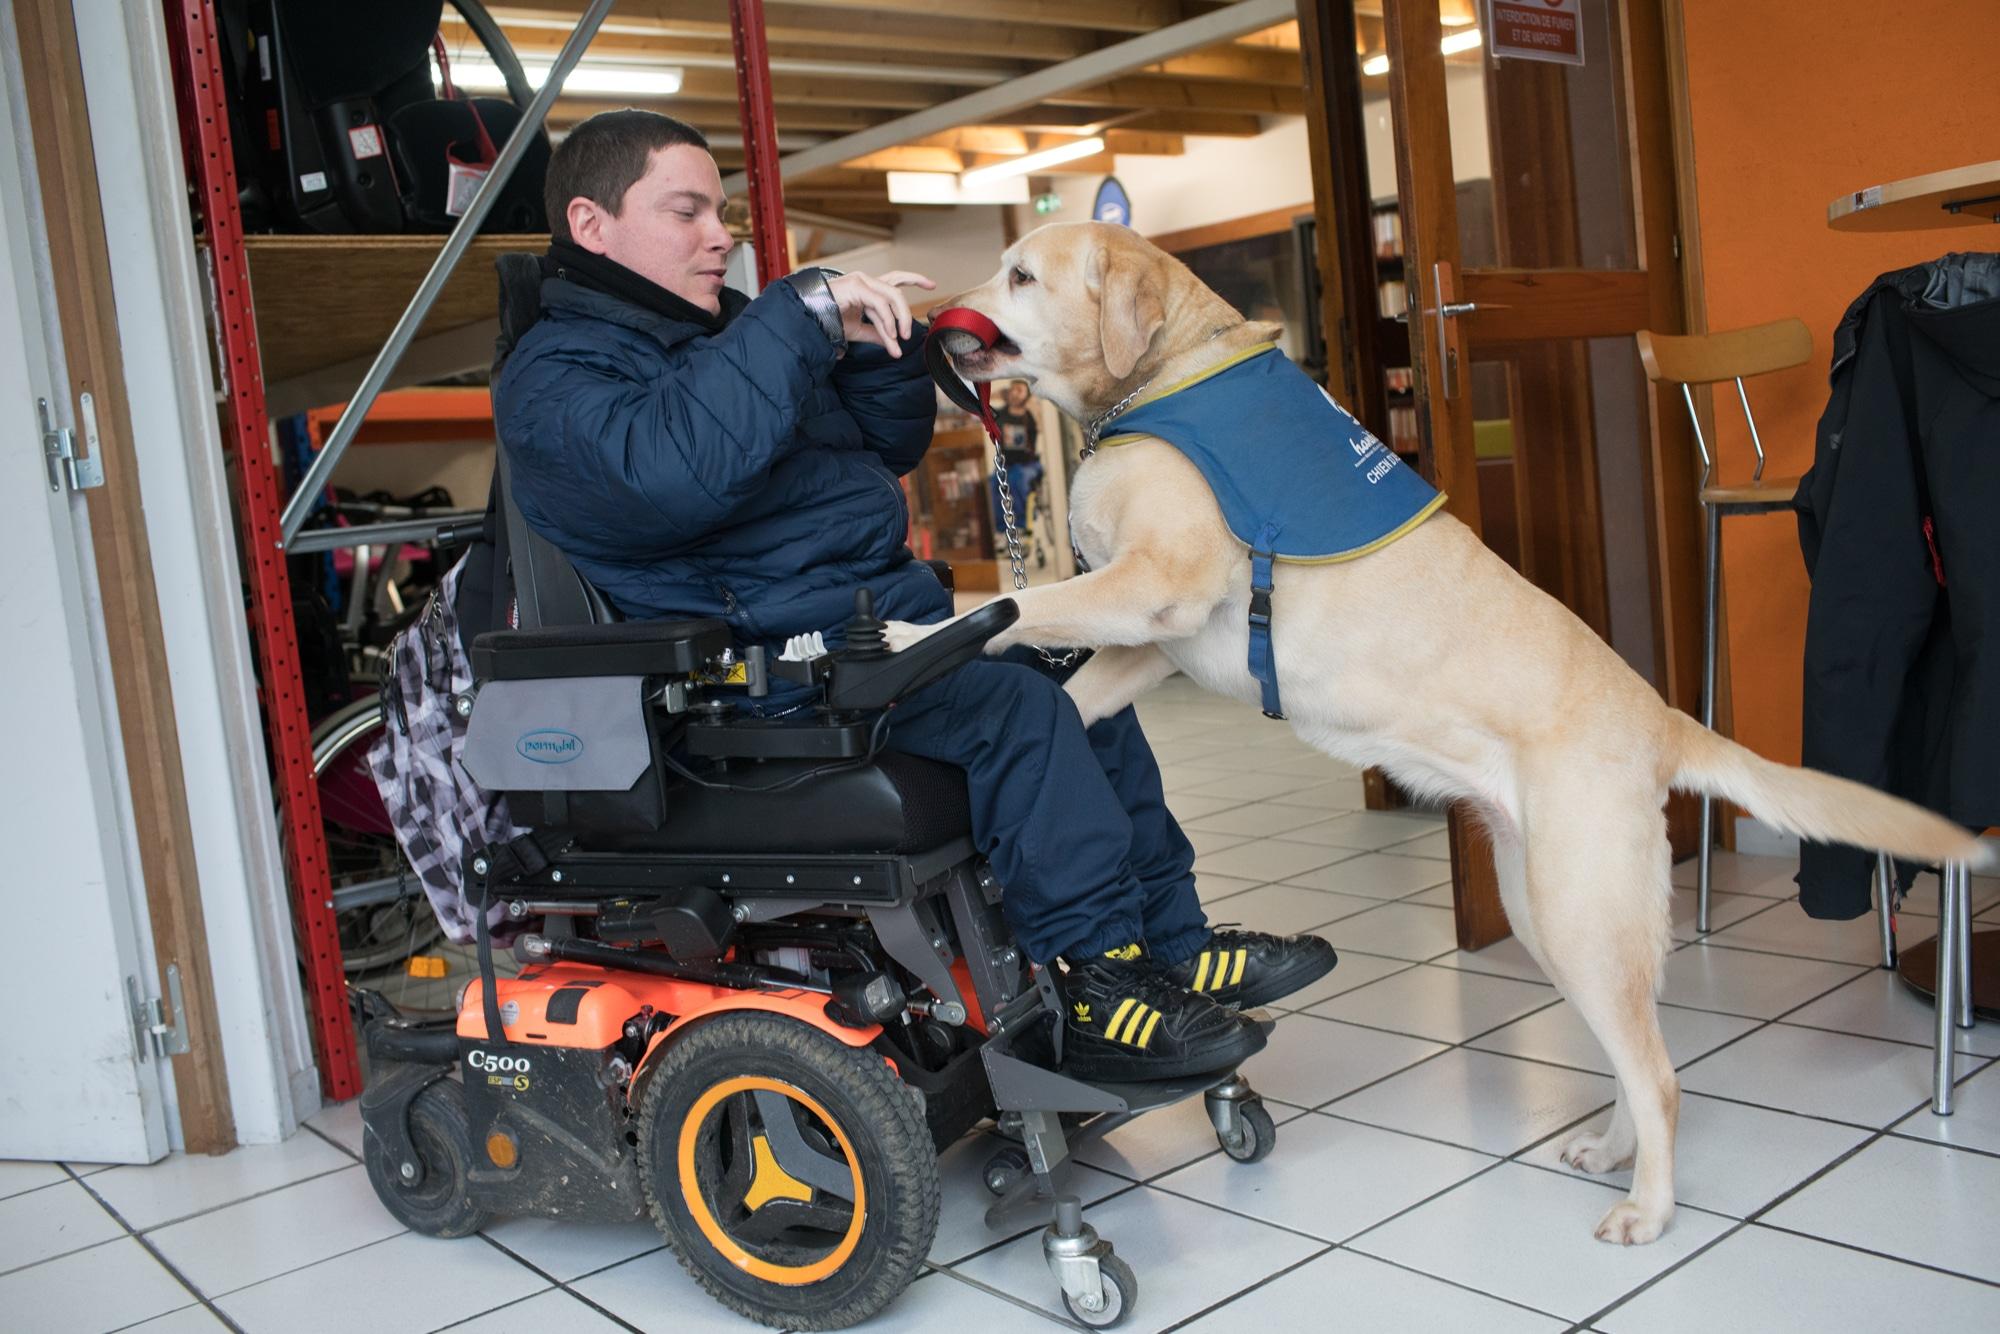 Le chien guide, appuyé sur les genoux d'Edouard, lui tend la laisse entre ses crocs